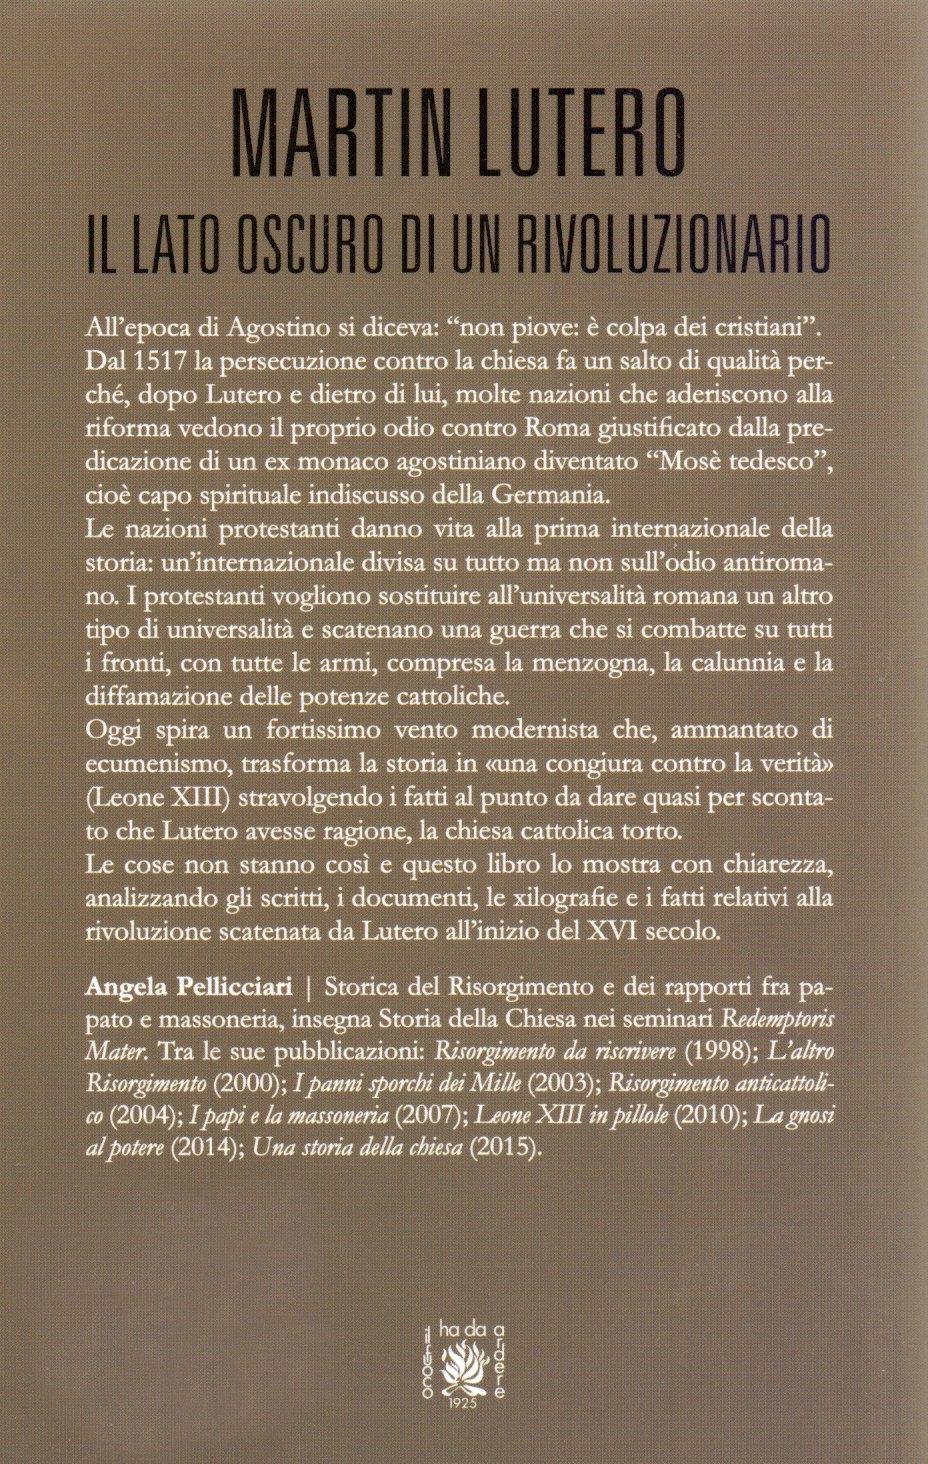 Martin Lutero.